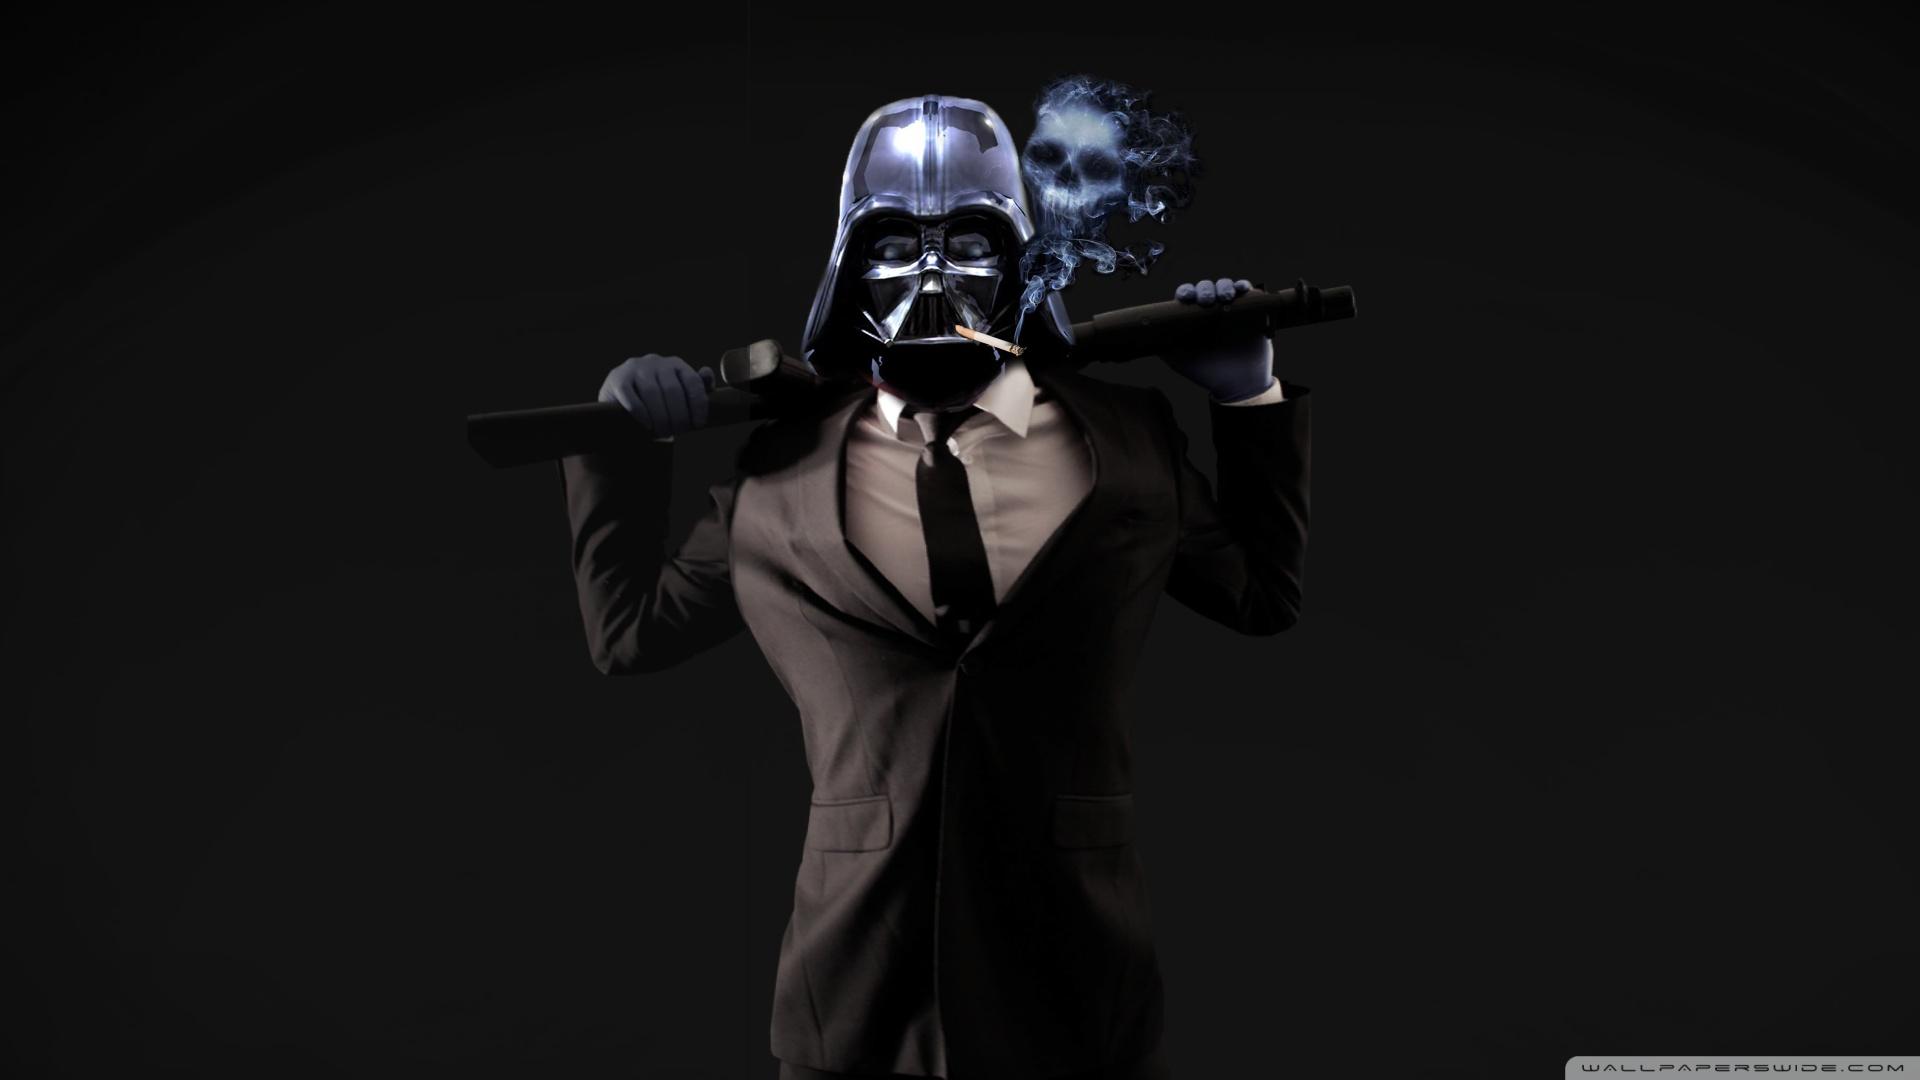 Badass Vader HD desktop wallpaper : Widescreen : High Definition